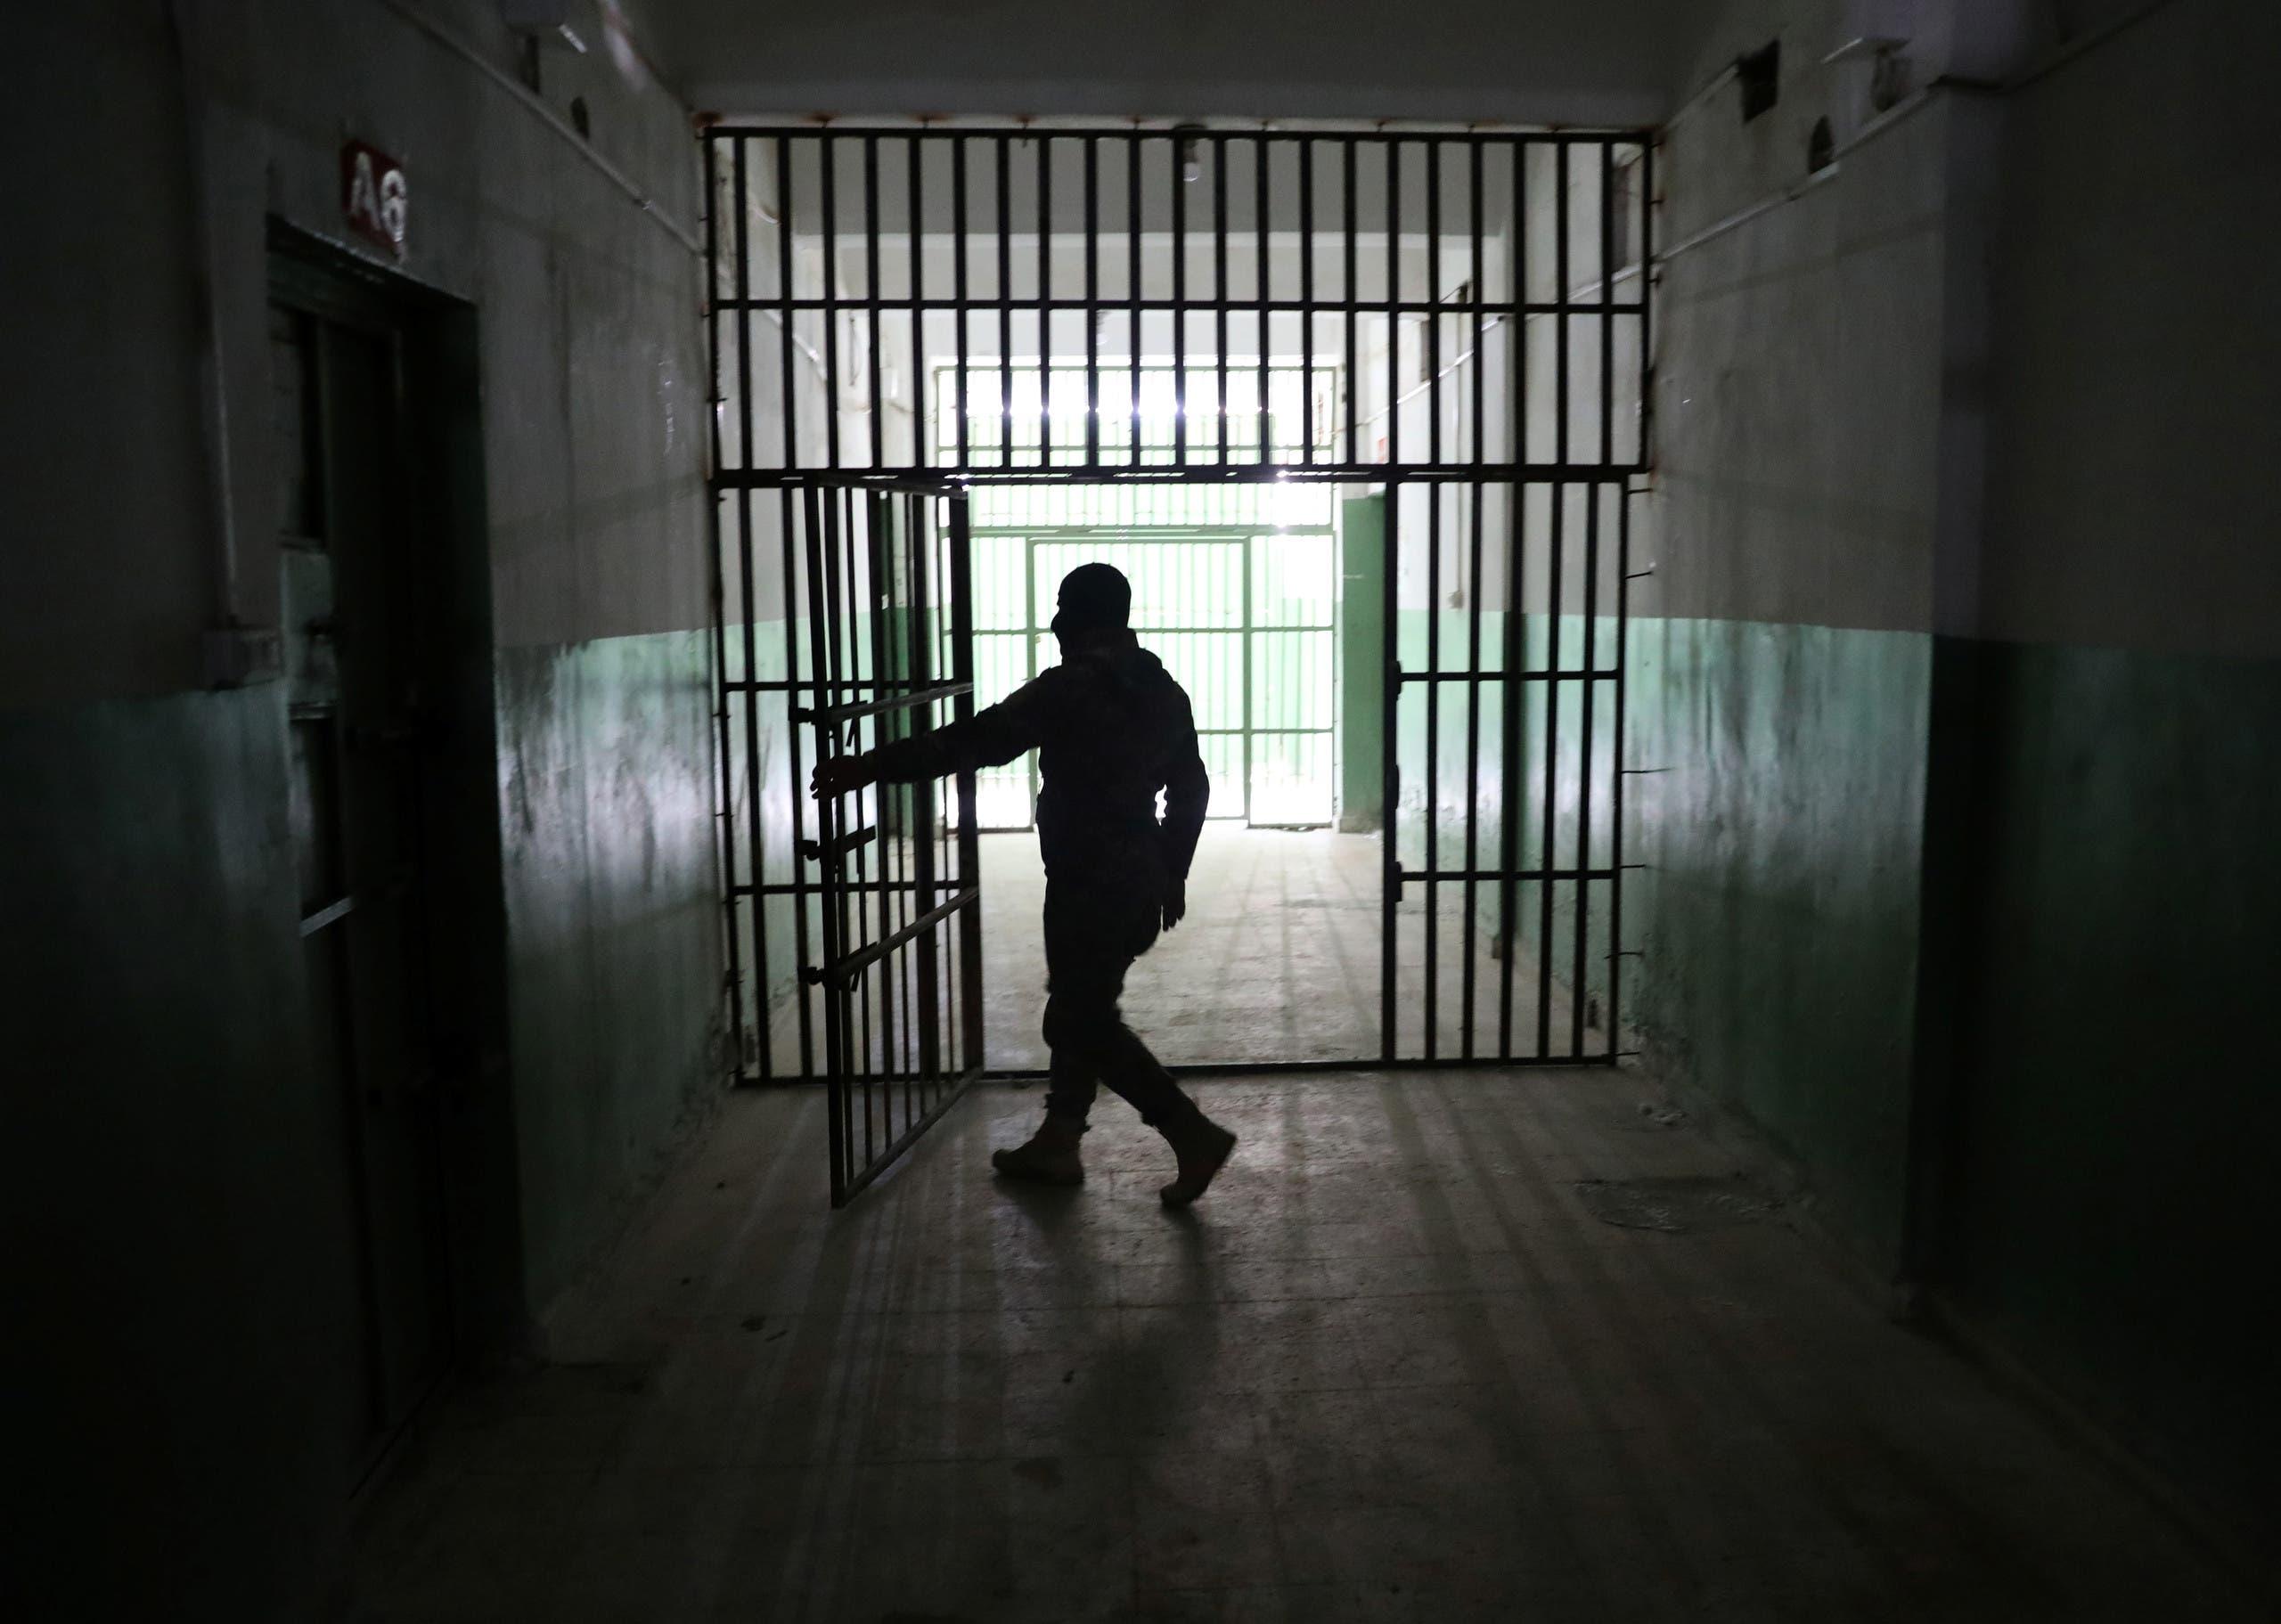 تفسير حلم السجين في المنام لابن شاهين